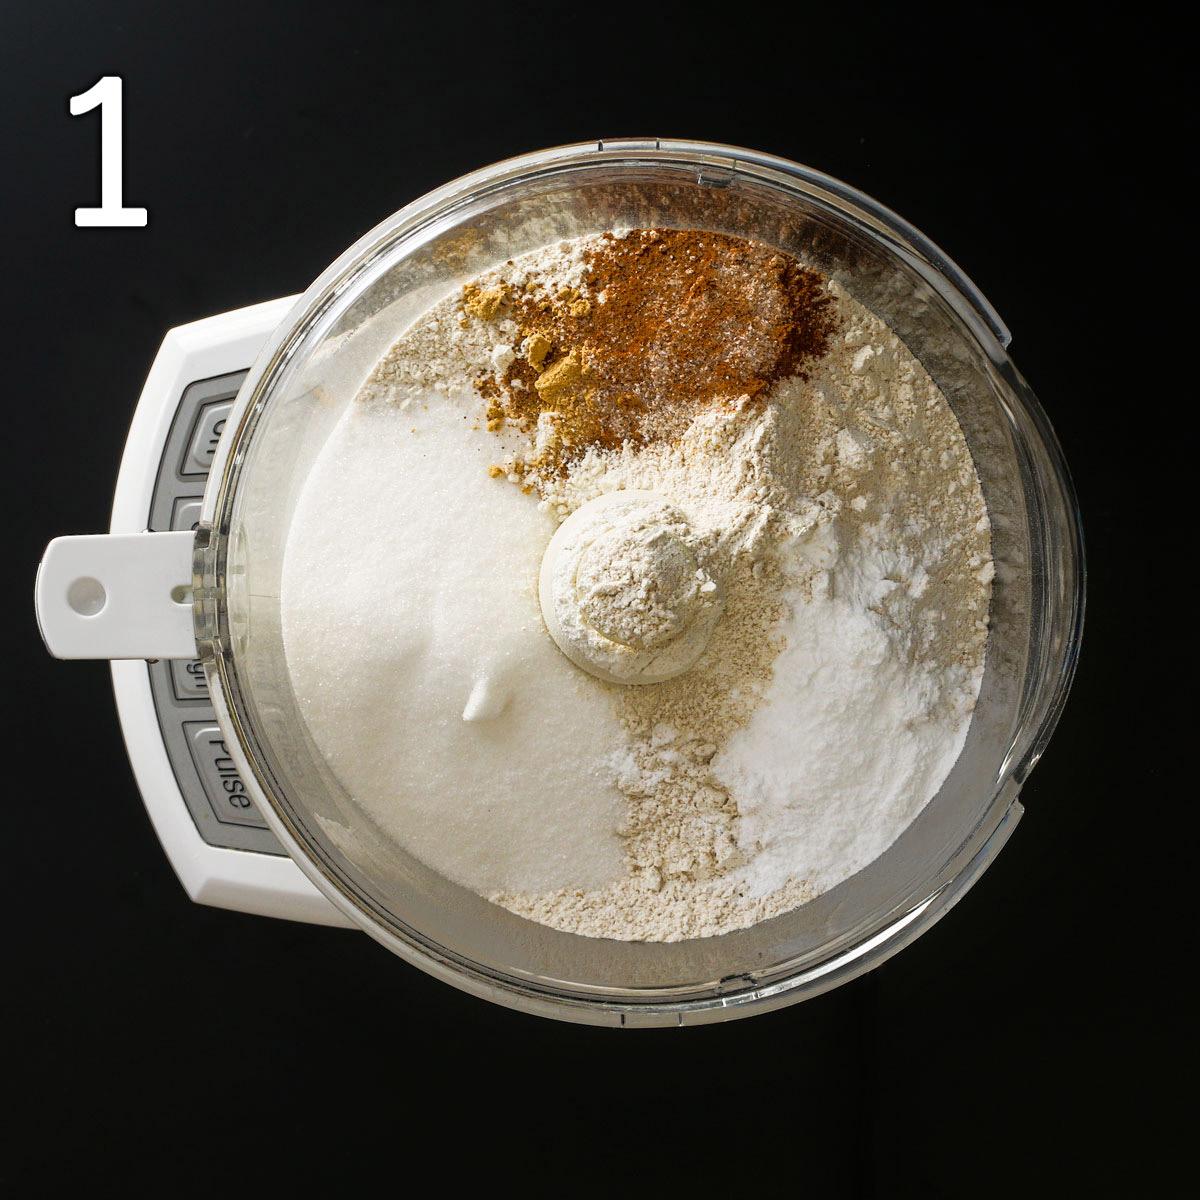 dry ingredients in food processor bowl.